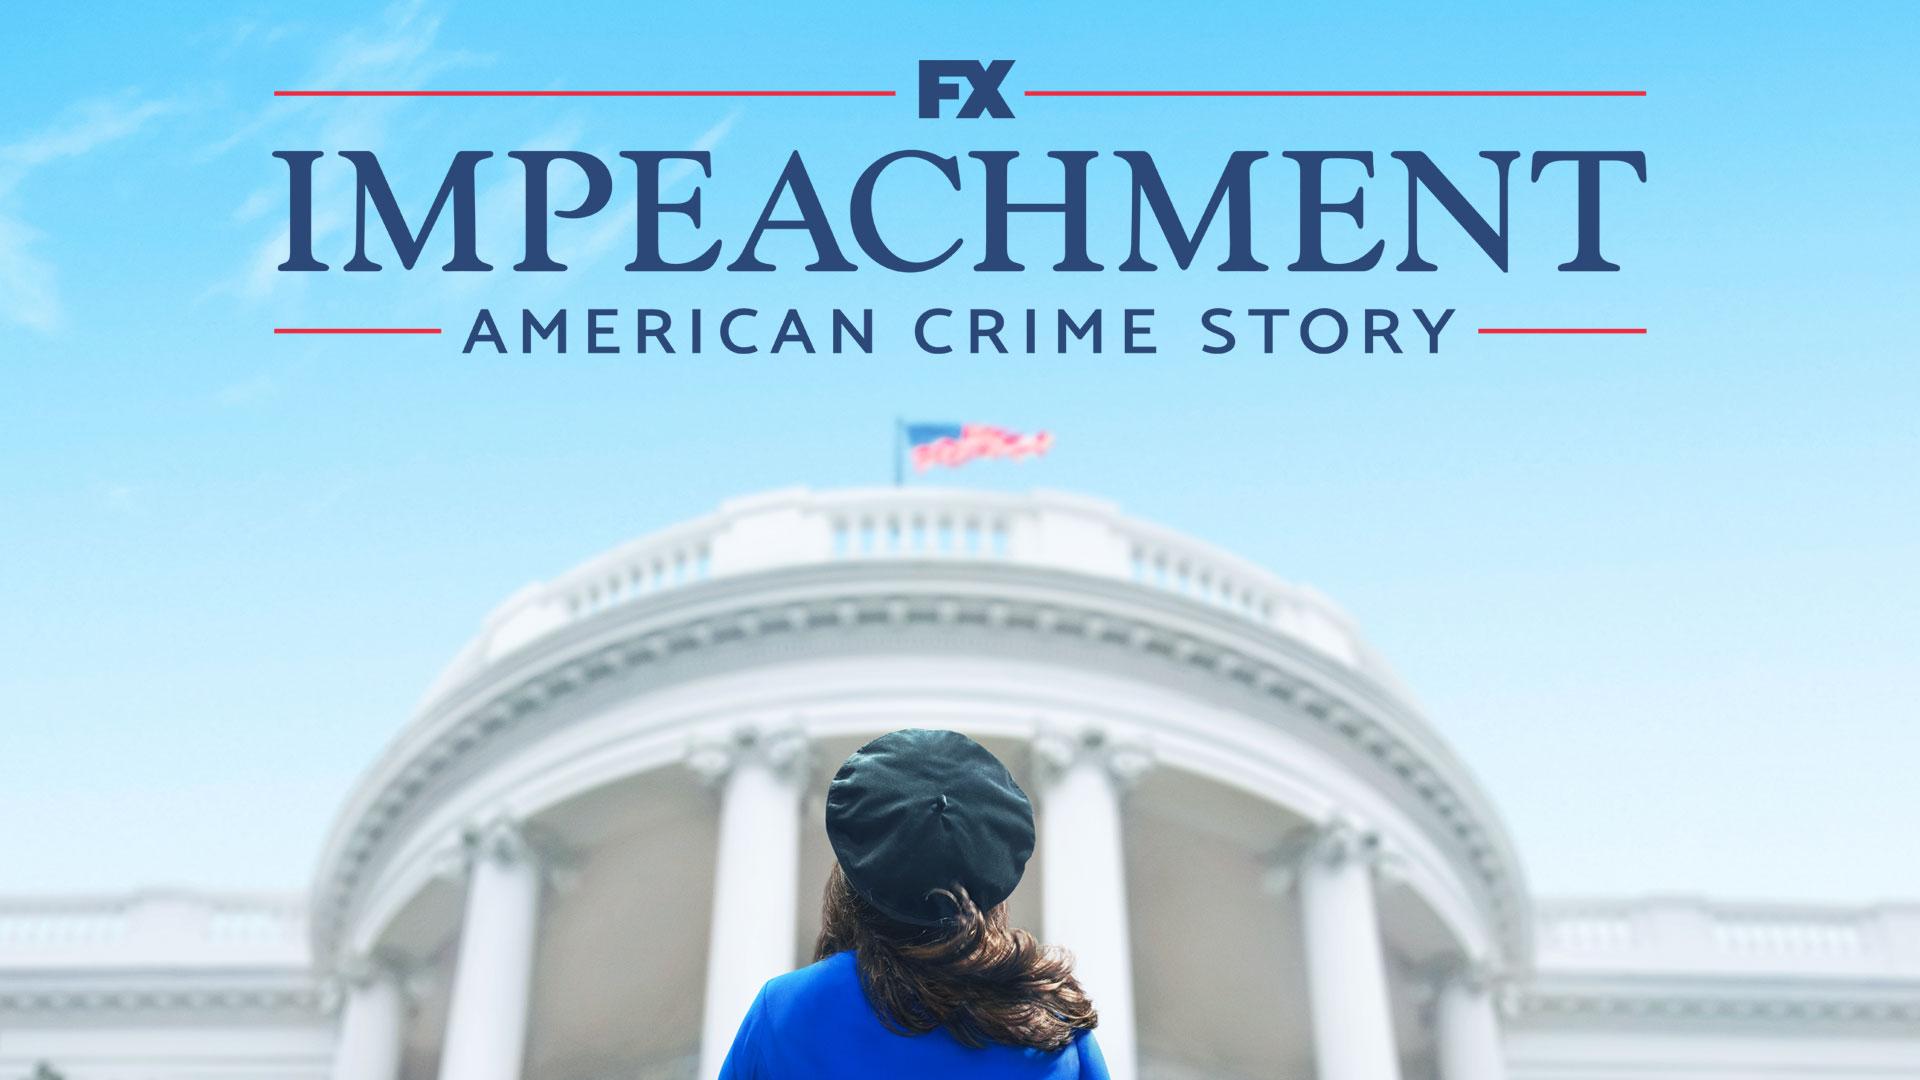 Impeachment_LG